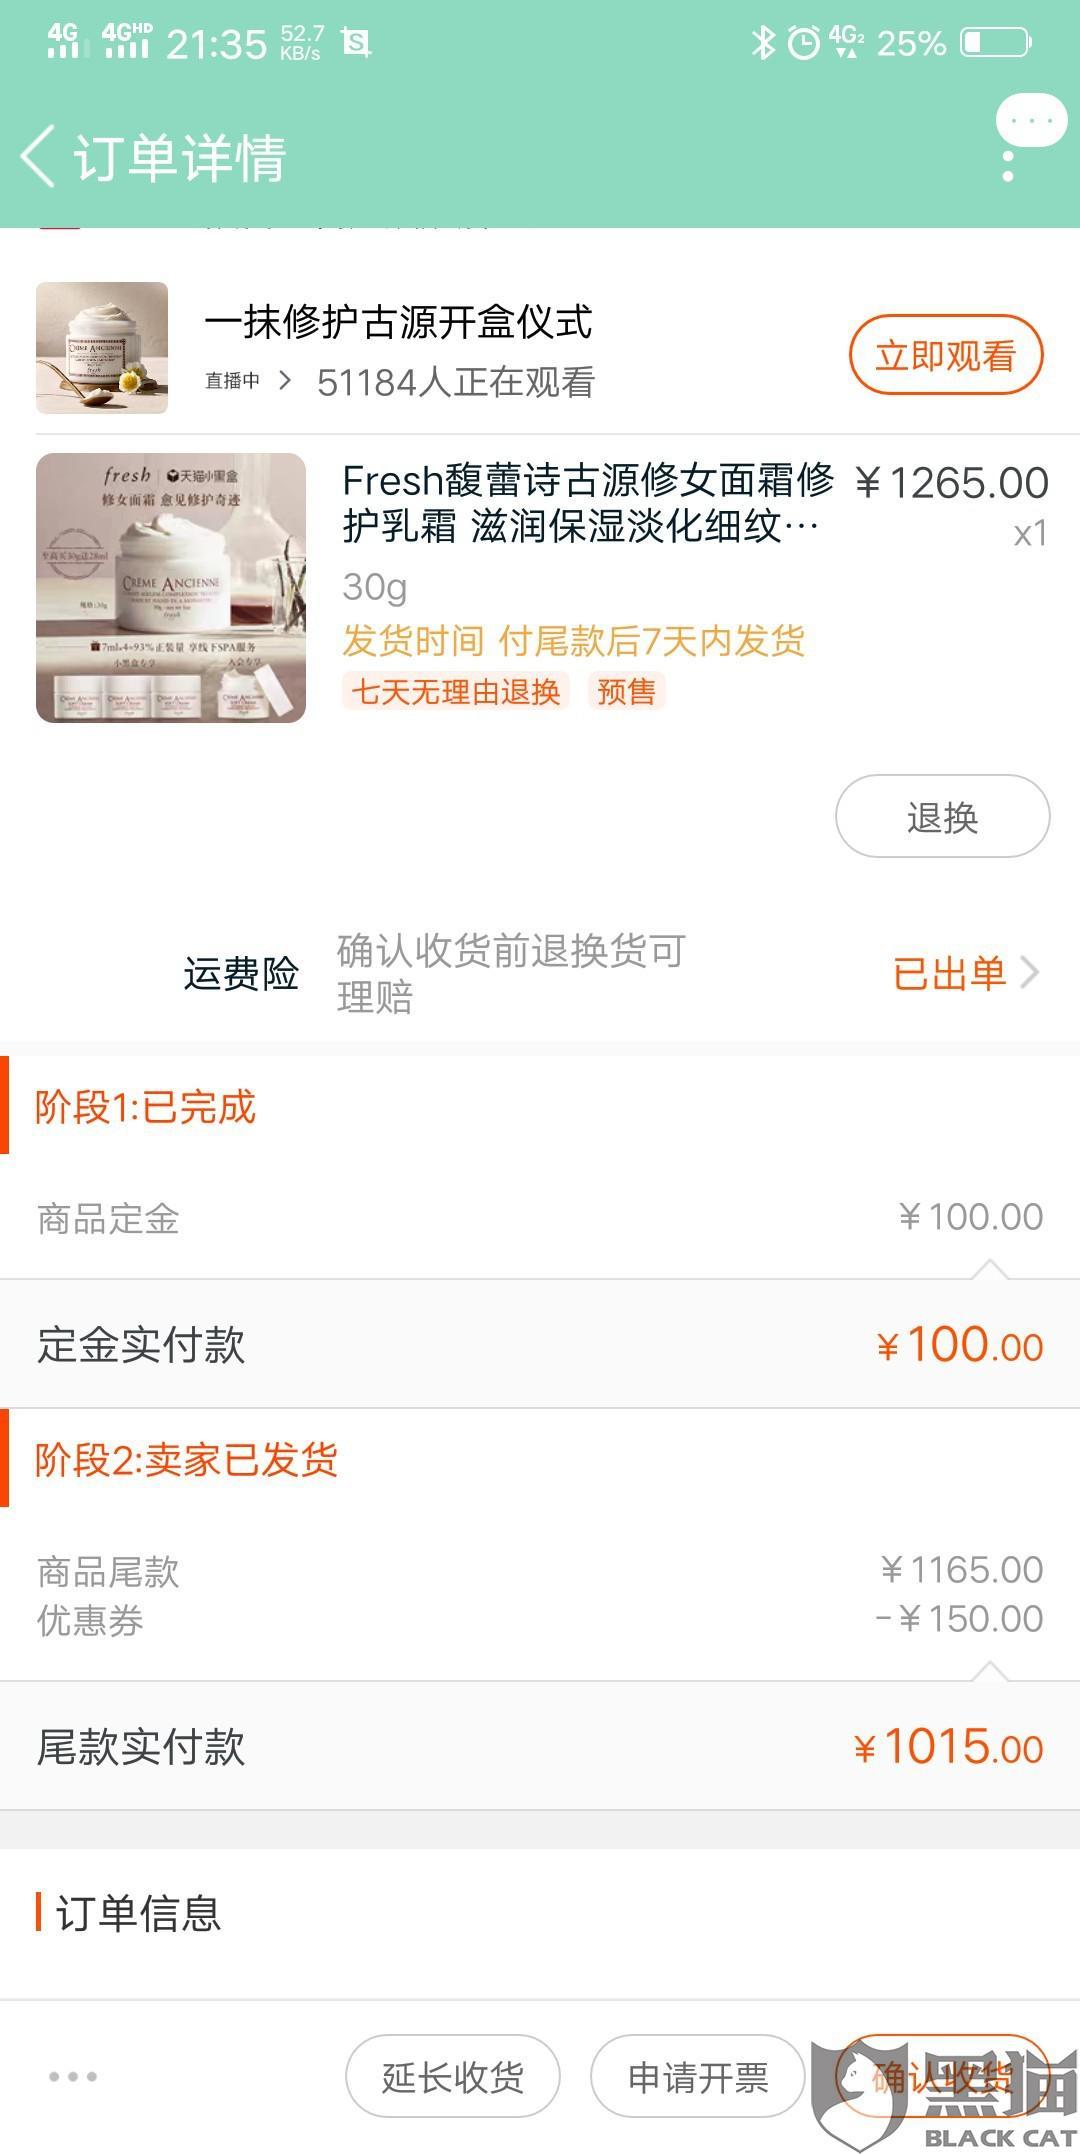 黑猫投诉:馥蕾诗古源面霜919预售,和919现货差价问题